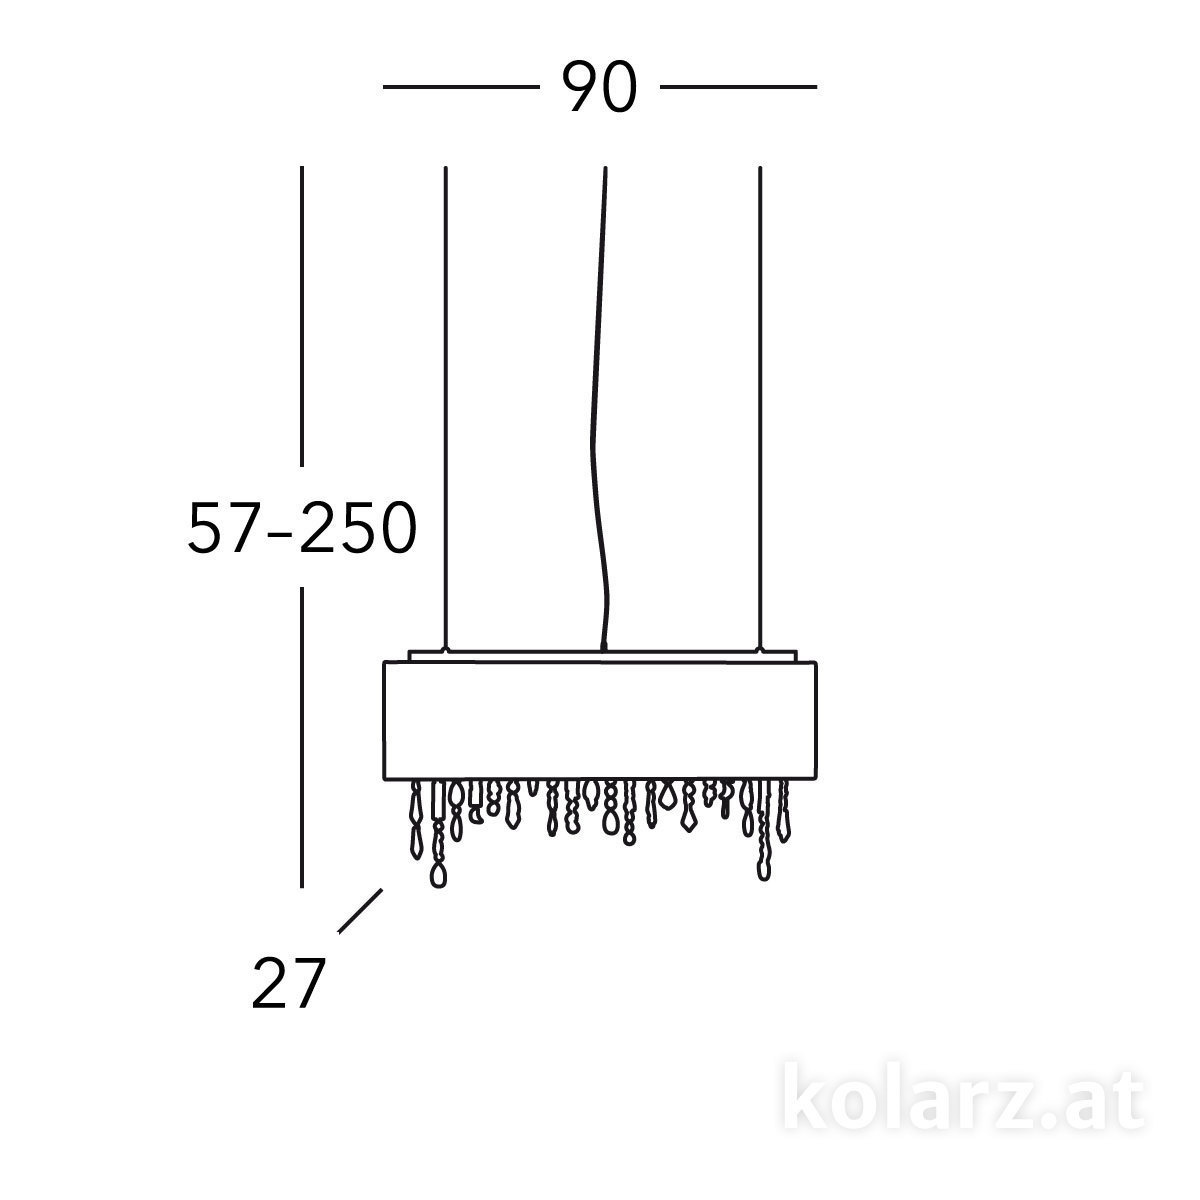 0240-85-5-Bk-s1.jpg